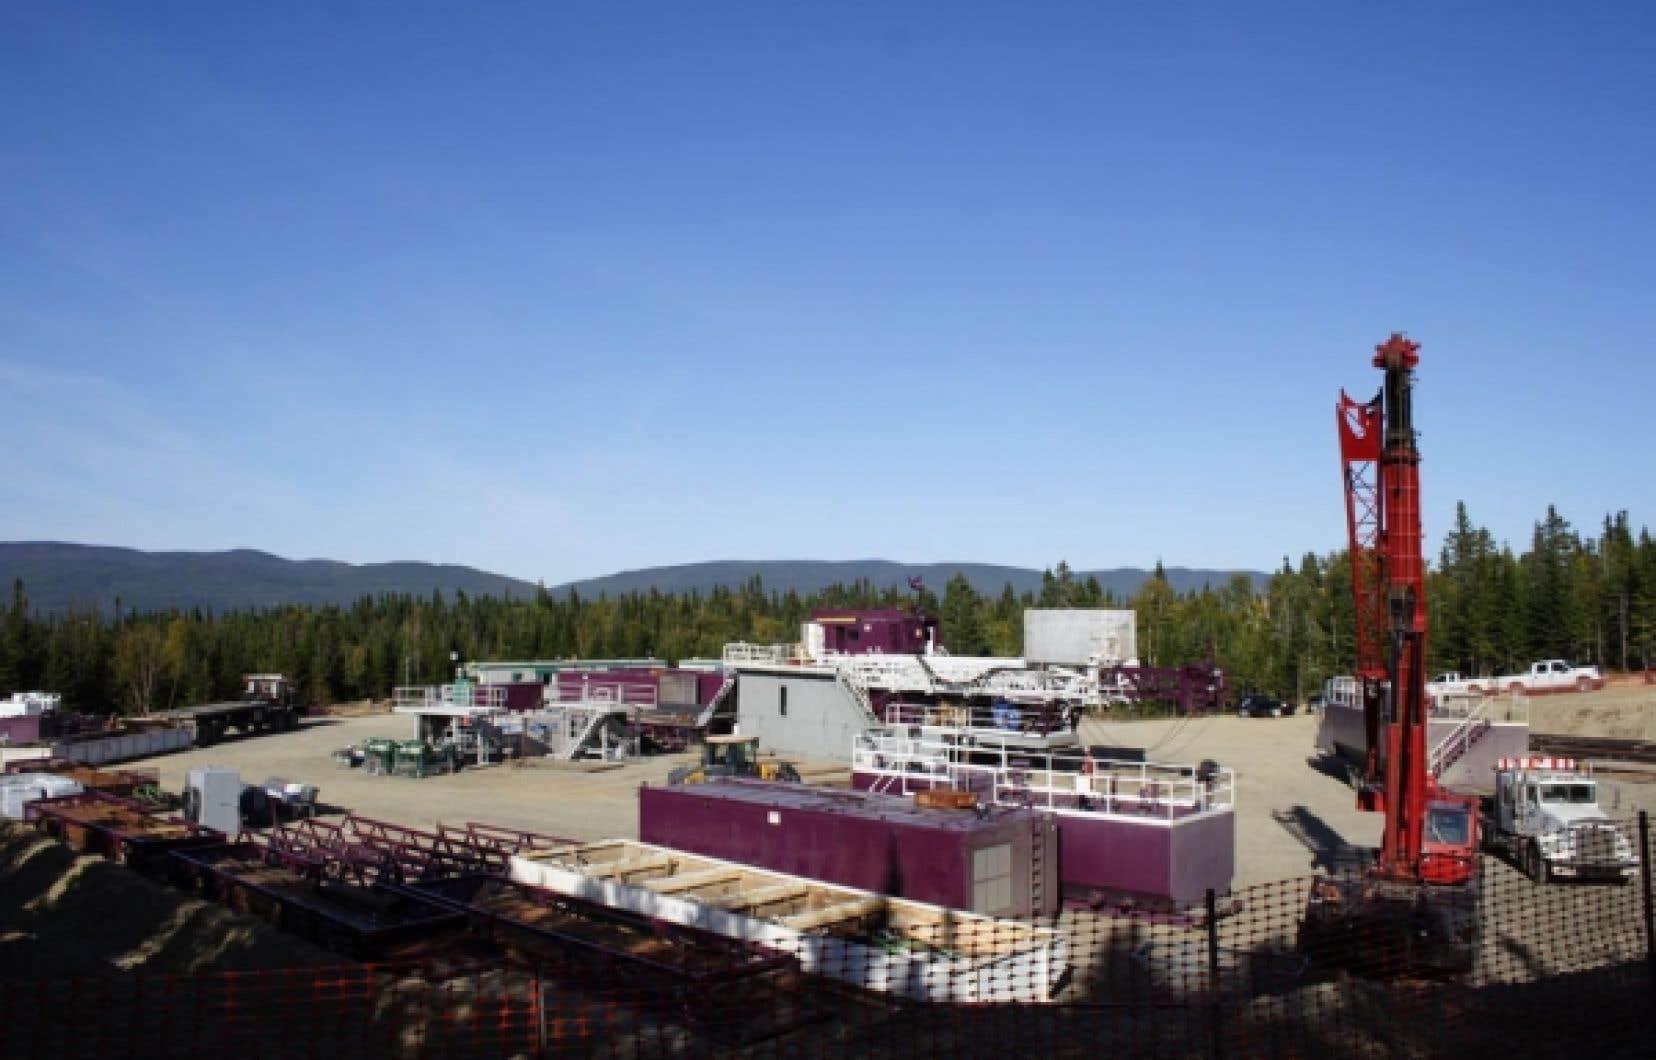 Pétrolia, qui mène des travaux d'exploration pétrolière dans la région de Gaspé, a déjà évoqué la possibilité d'utiliser la fracturation, ce qui serait une première dans la province. Mais l'entreprise a plutôt mené l'automne dernier deux «tests d'injectivité», dont un sur ce puits nommé Haldimand no 1.<br />